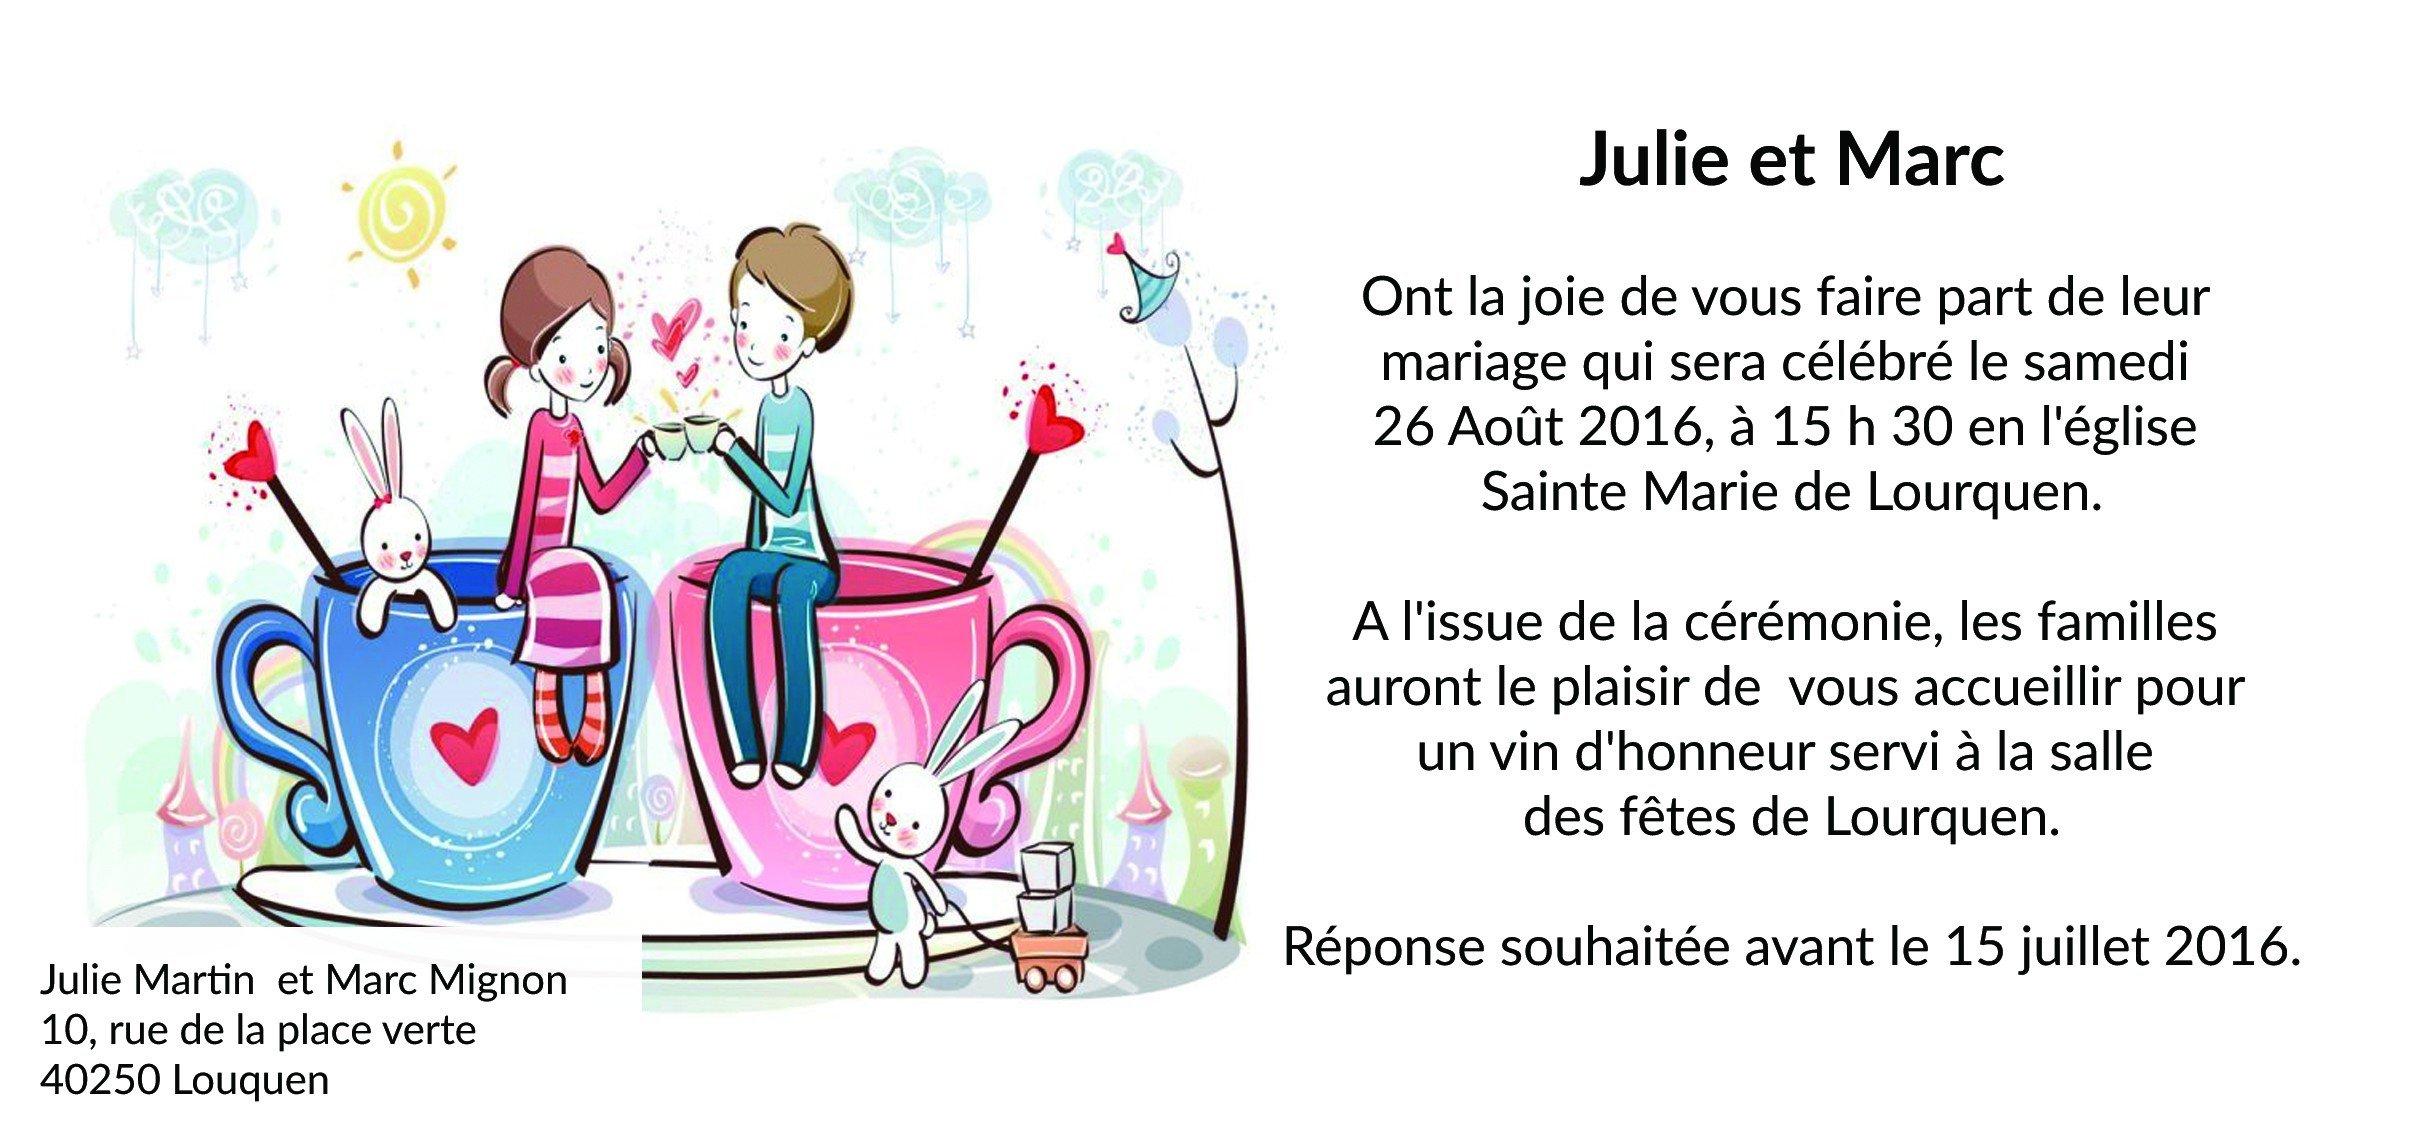 lettre d invitation a une ceremonie de mariage meilleur blog de photos de mariage pour vous. Black Bedroom Furniture Sets. Home Design Ideas